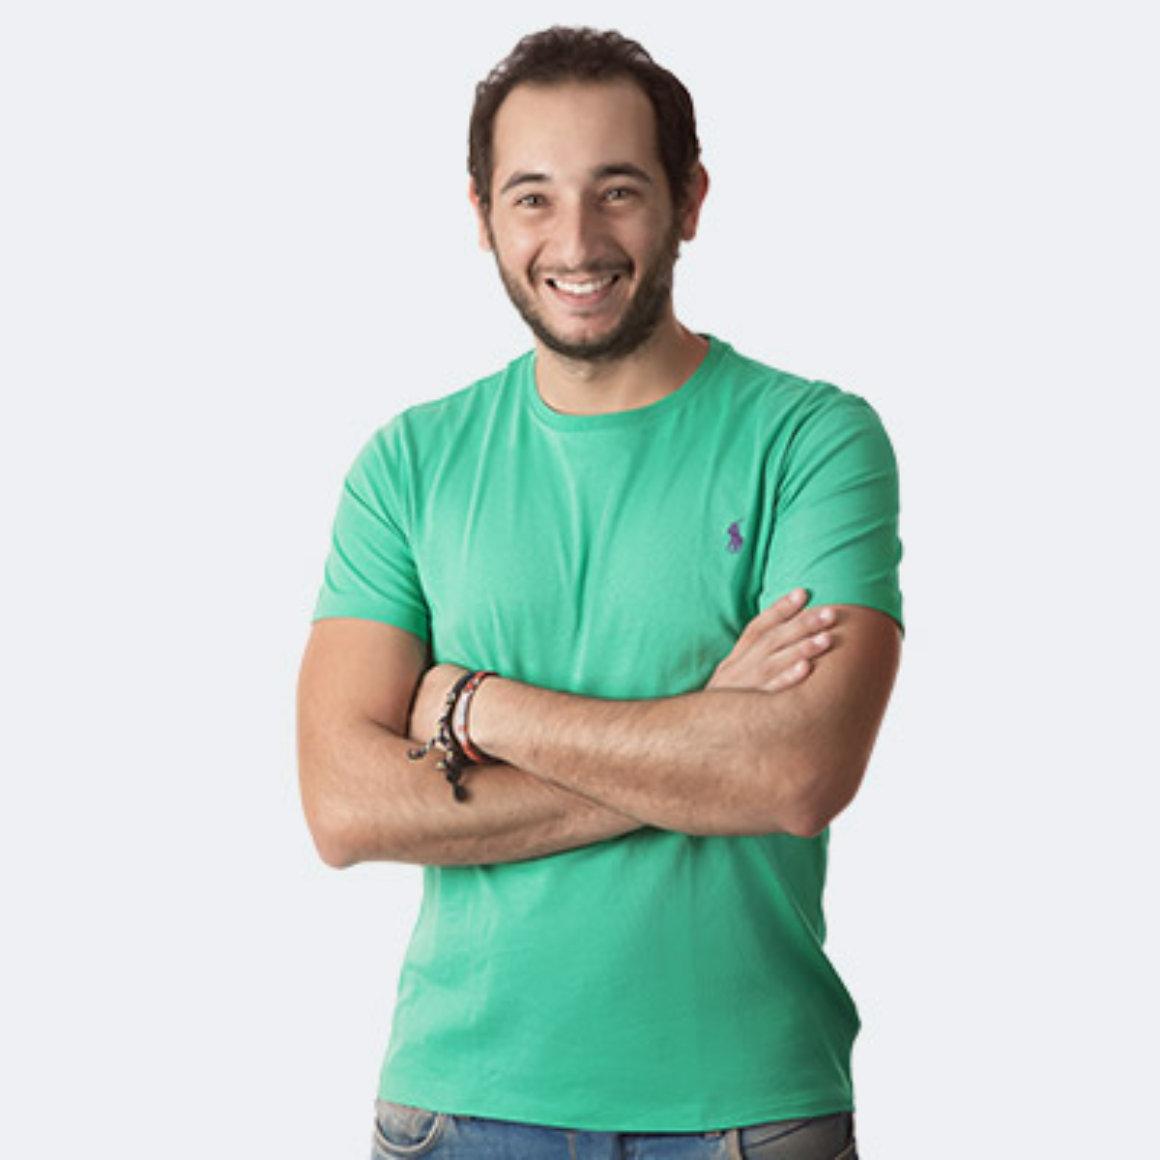 Ahmed Elruby